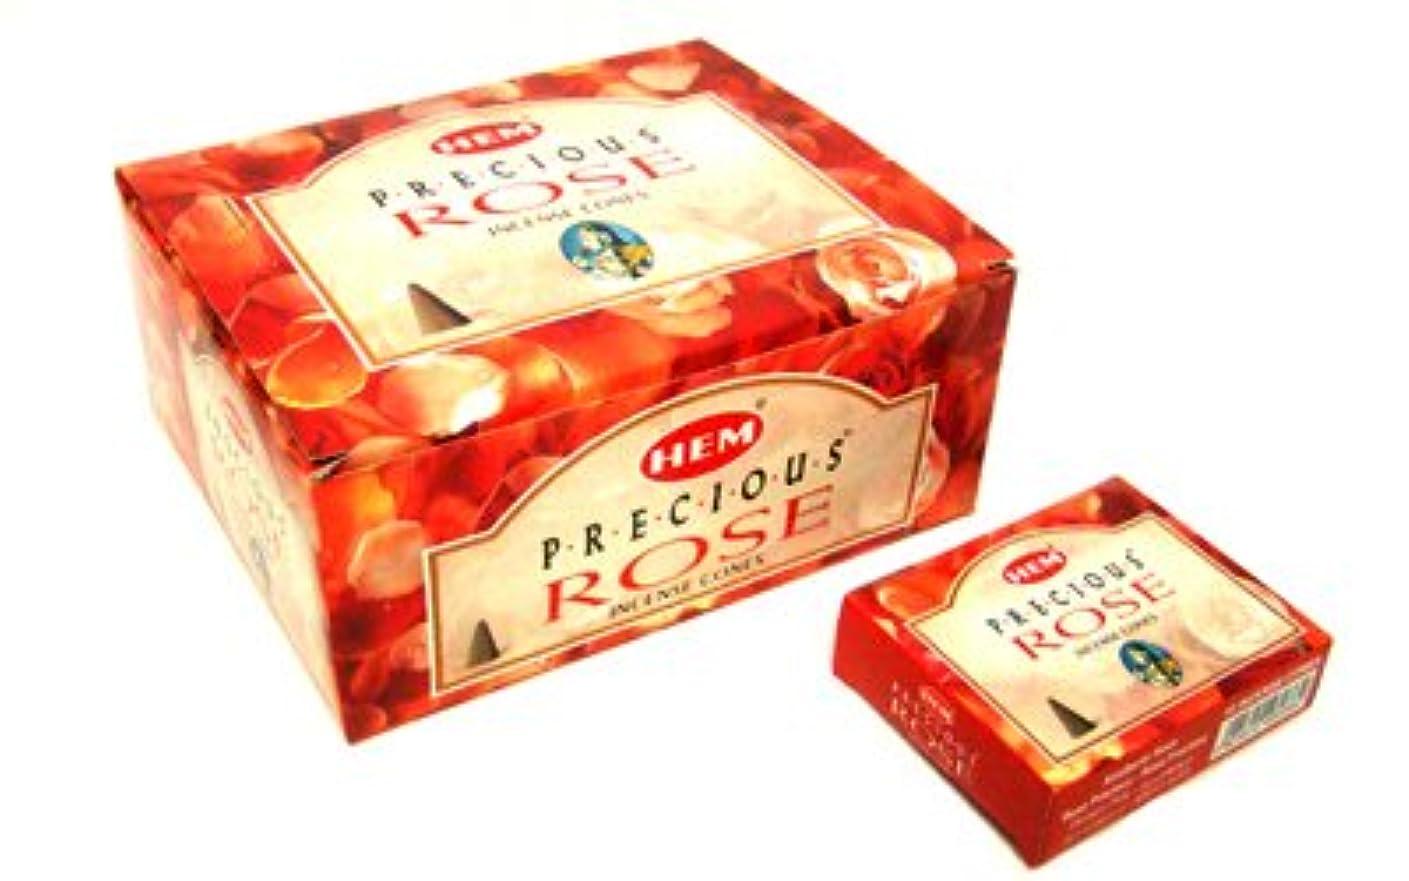 入口効率的震えHEM(ヘム) プレシャス ローズ香 コーンタイプ Precious Rose CORN 12箱セット